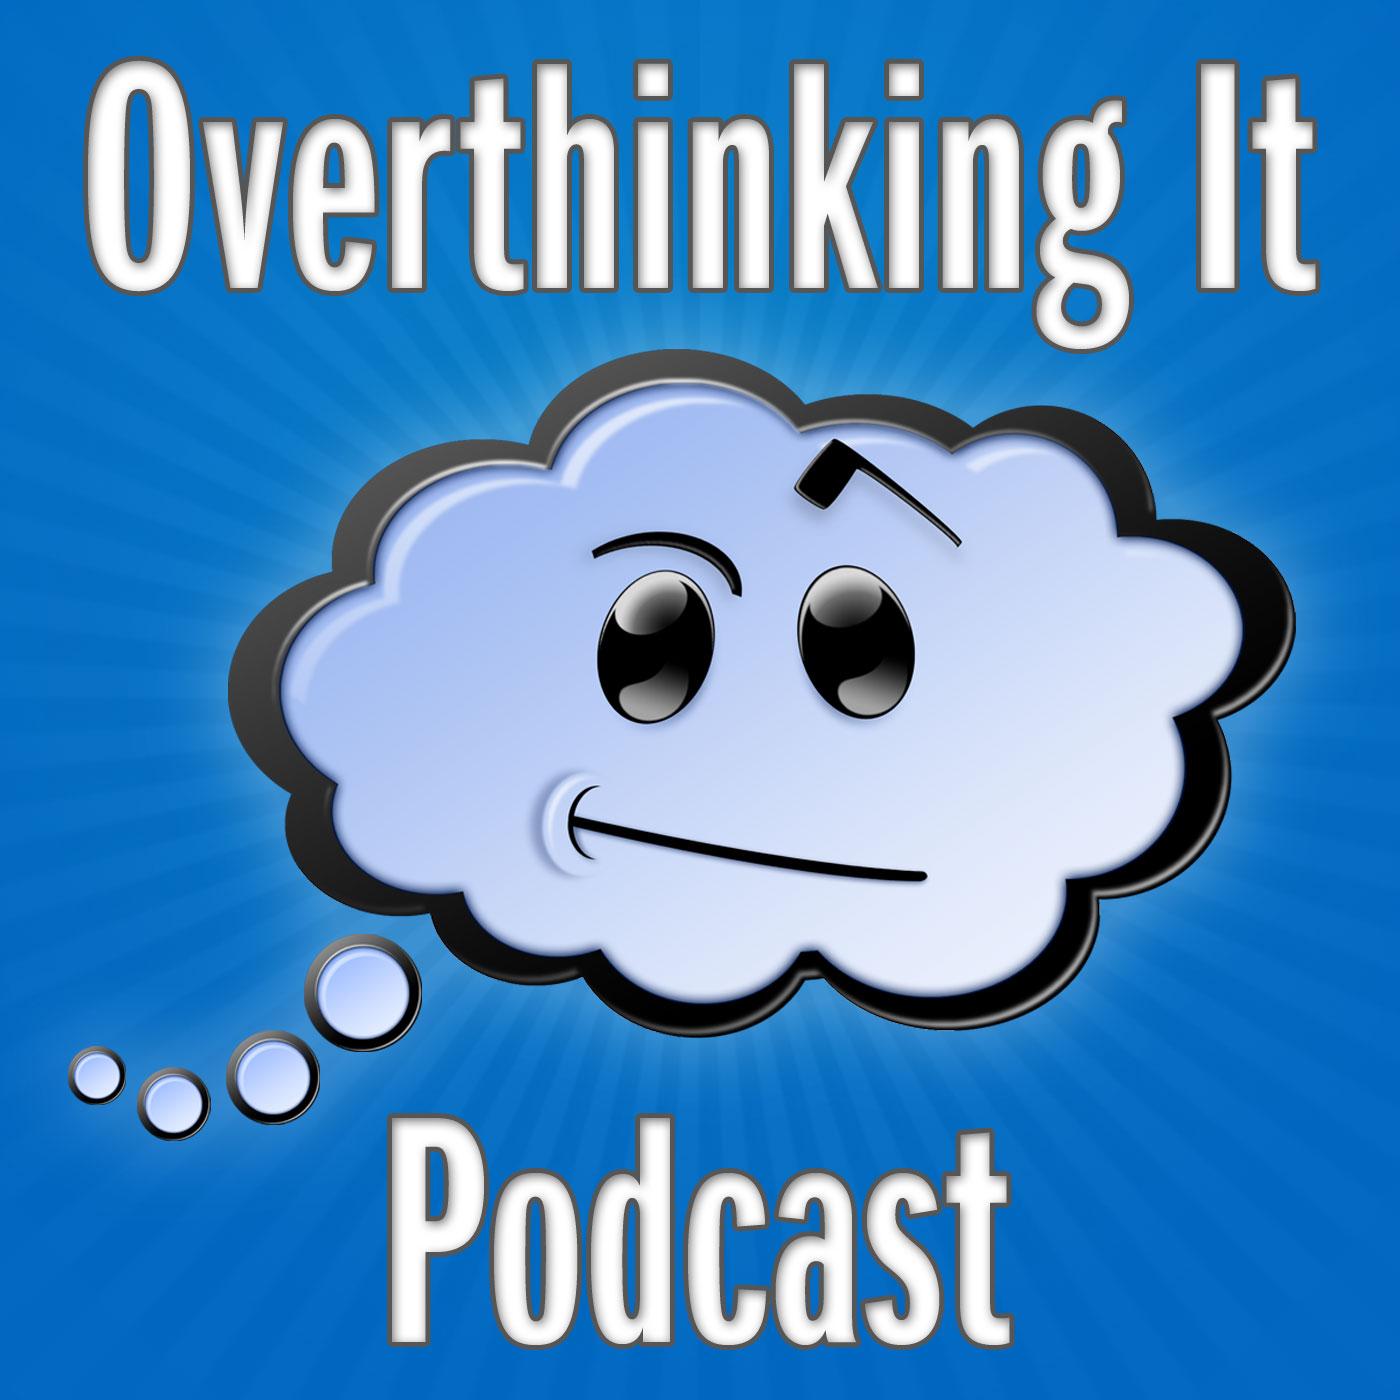 Overthinking It Podcast